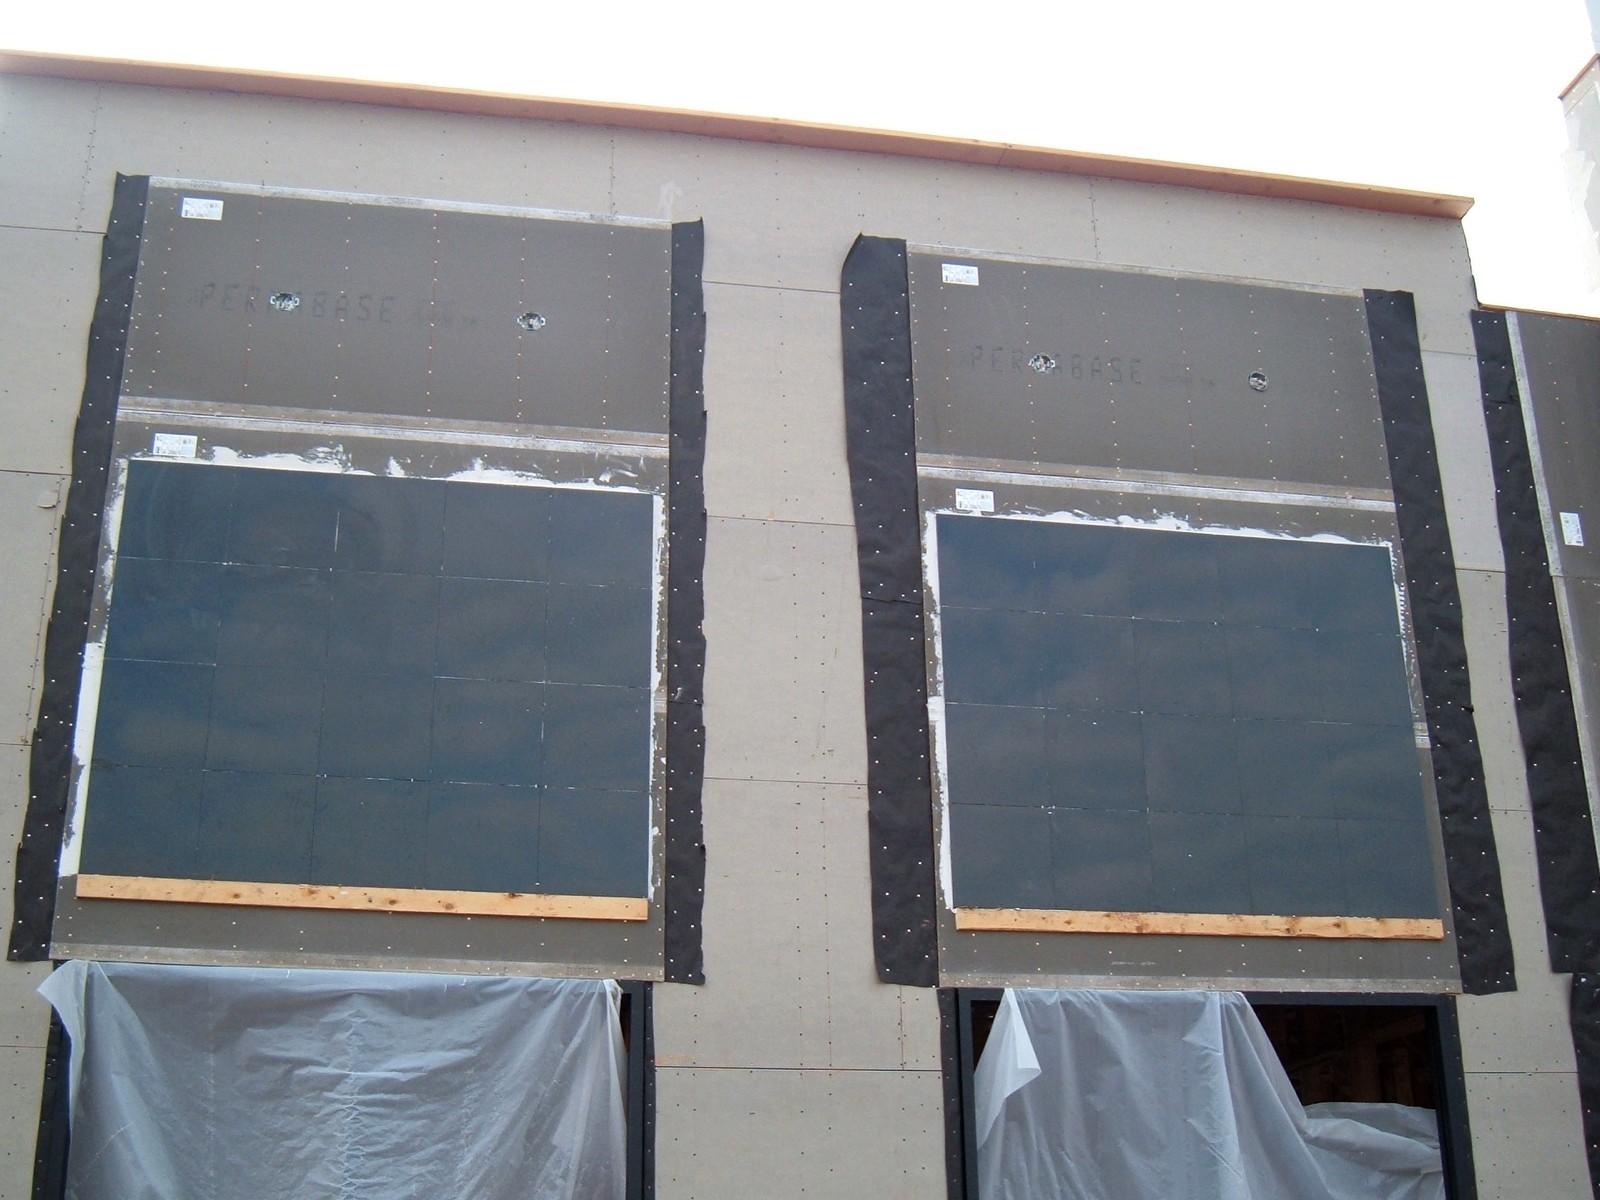 TGI Fridays | Flooring Installation System